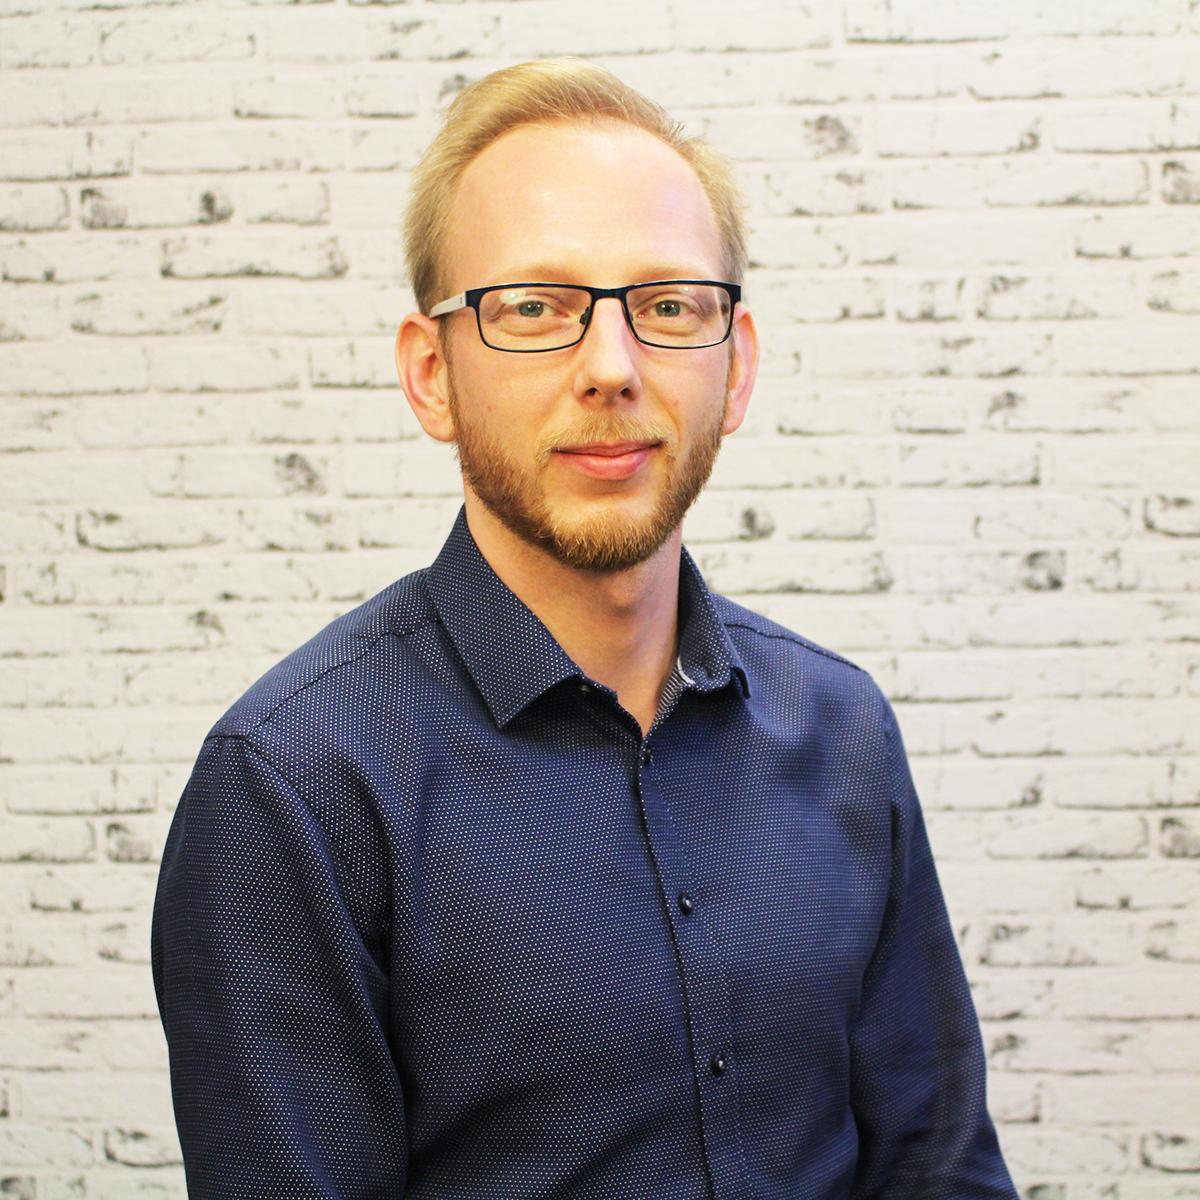 Mariusz Soltys: Senior Web Developer at Fleximize